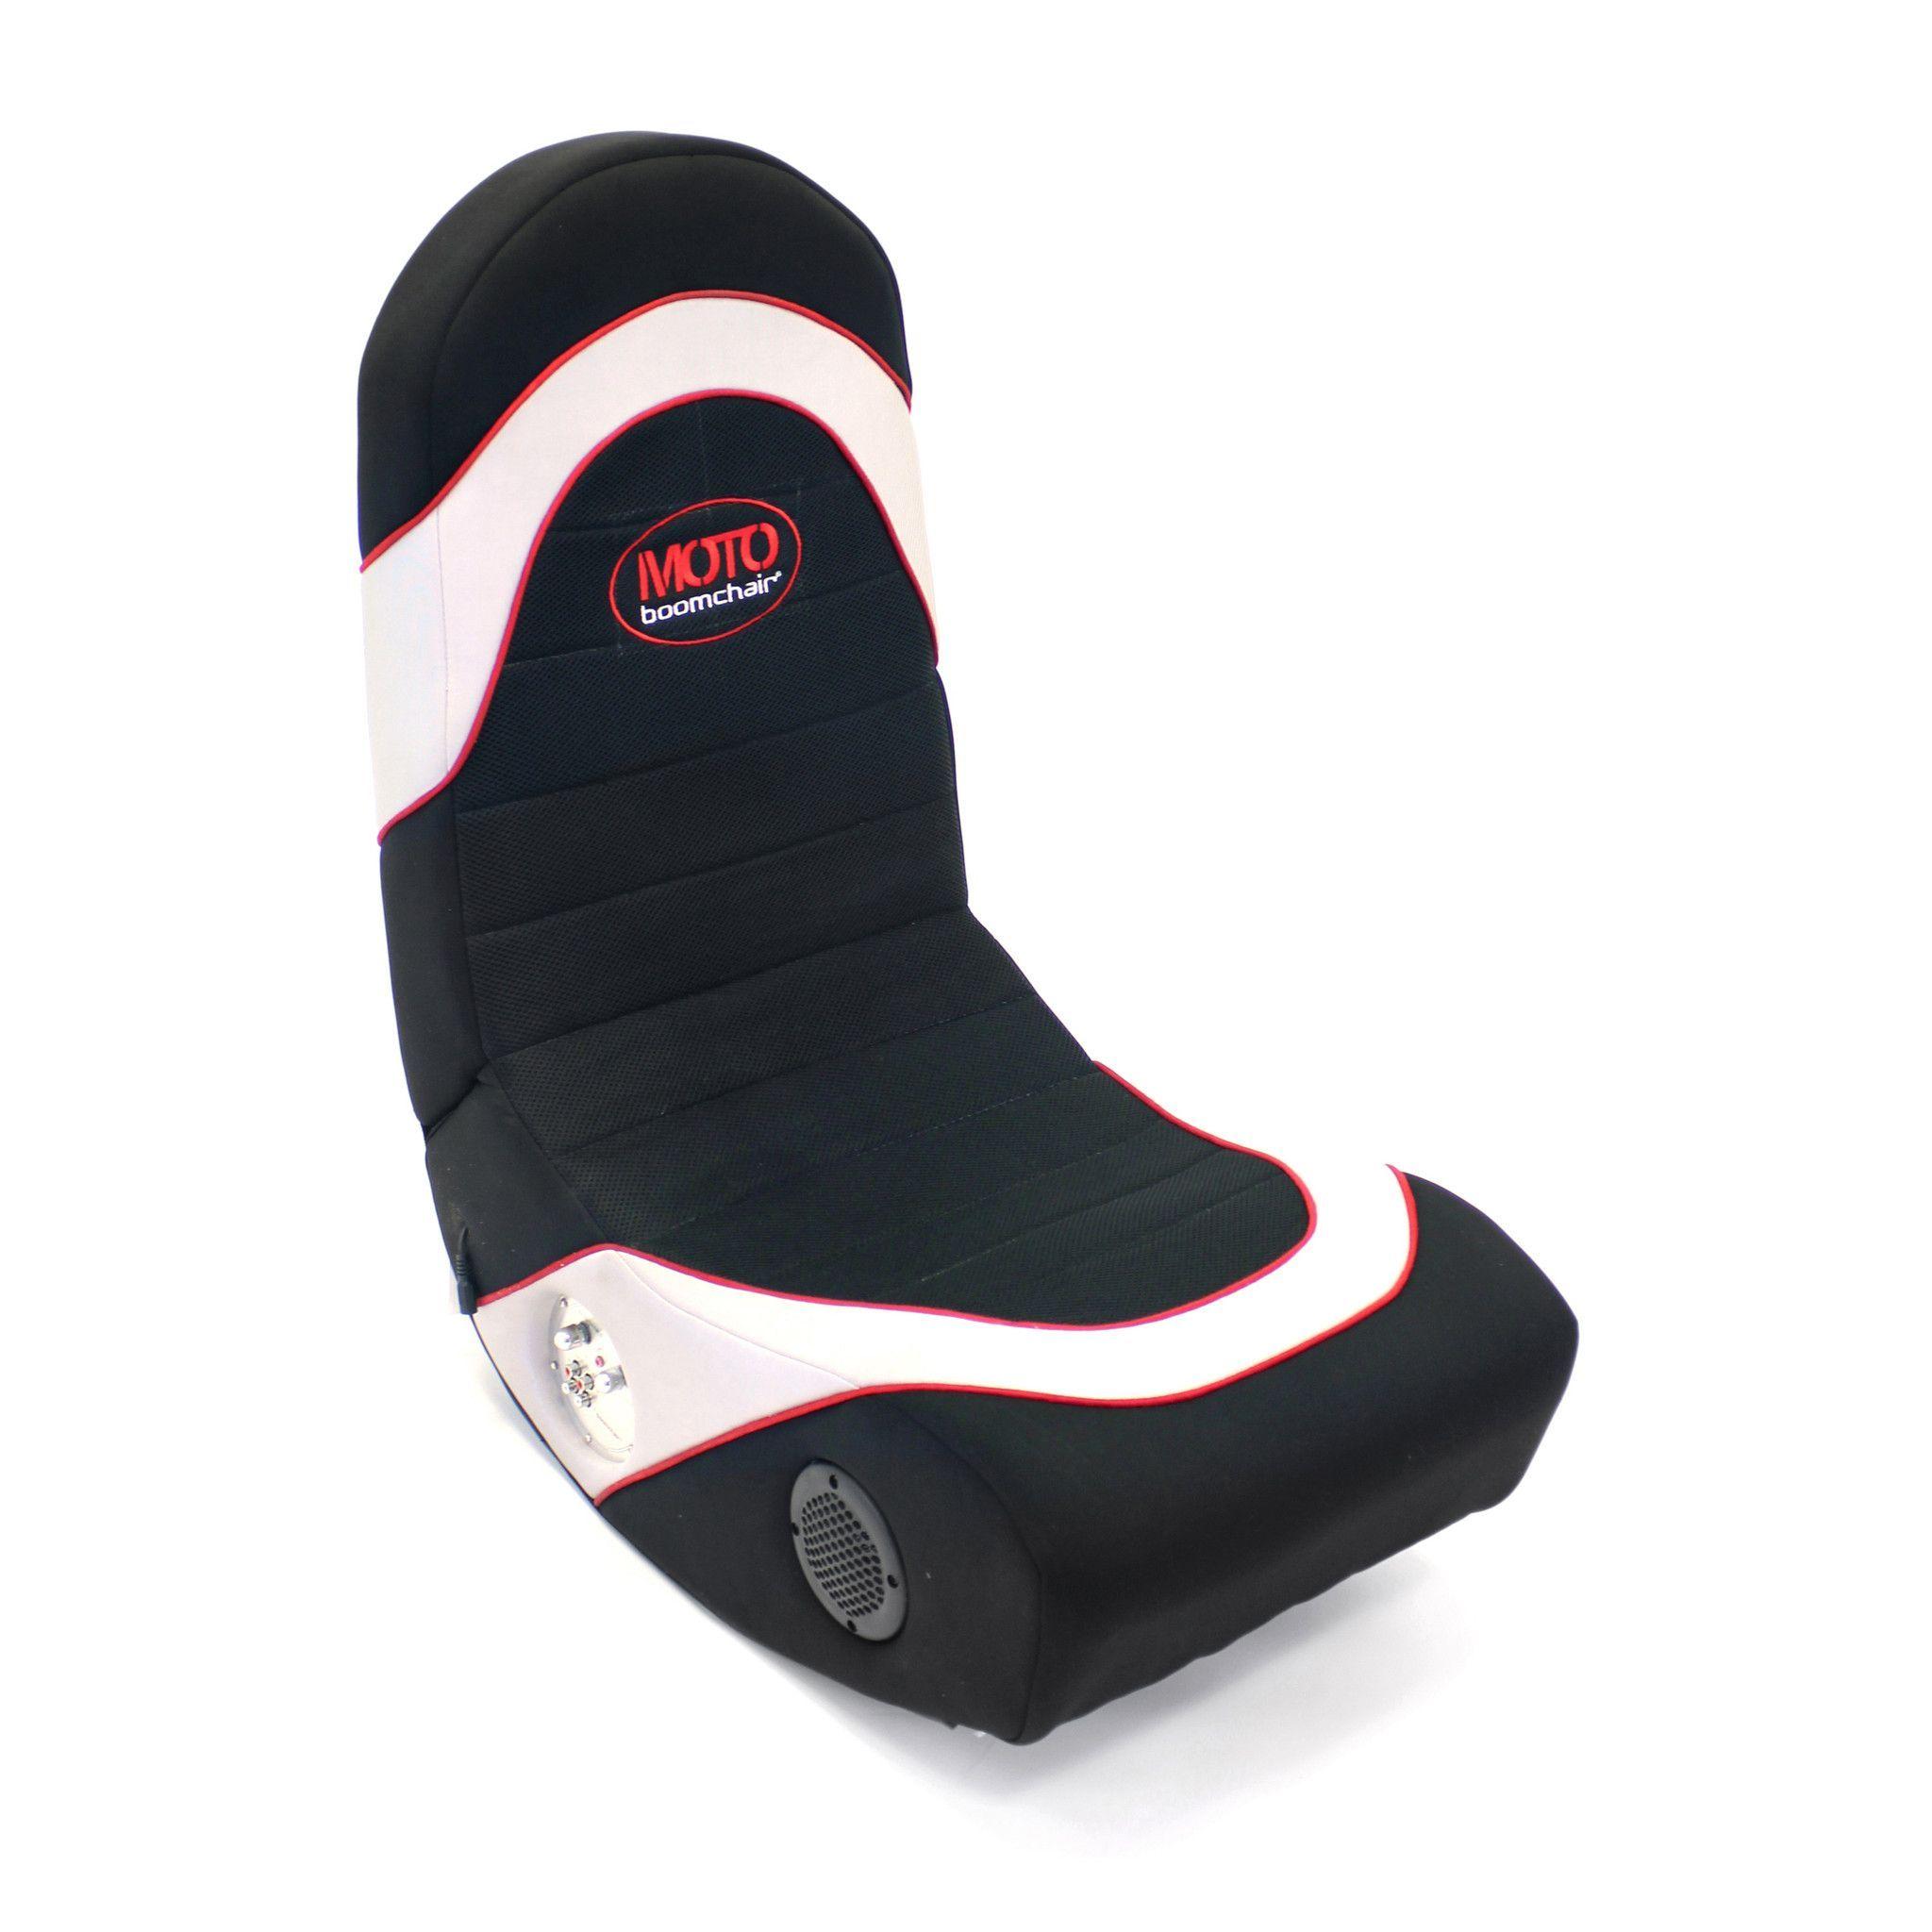 Lumisource BoomChair Moto Lumisource, Farmhouse table